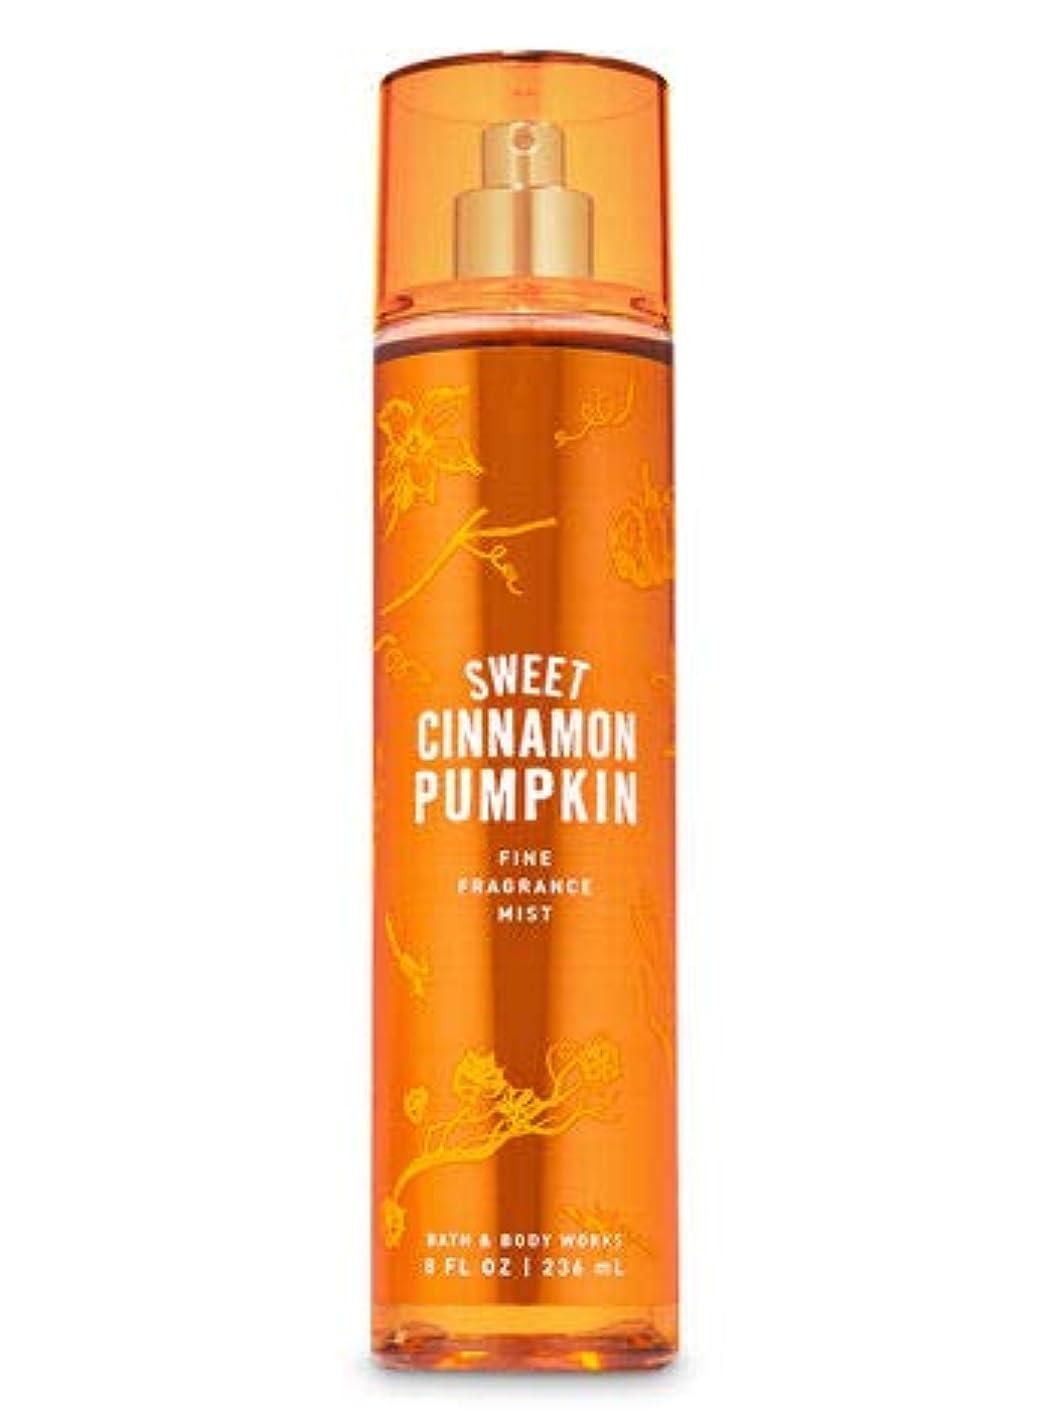 群衆過半数南アメリカ【Bath&Body Works/バス&ボディワークス】 ファインフレグランスミスト スイートシナモンパンプキン Fine Fragrance Mist Sweet Cinnamon Pumpkin 8oz (236ml) [並行輸入品]